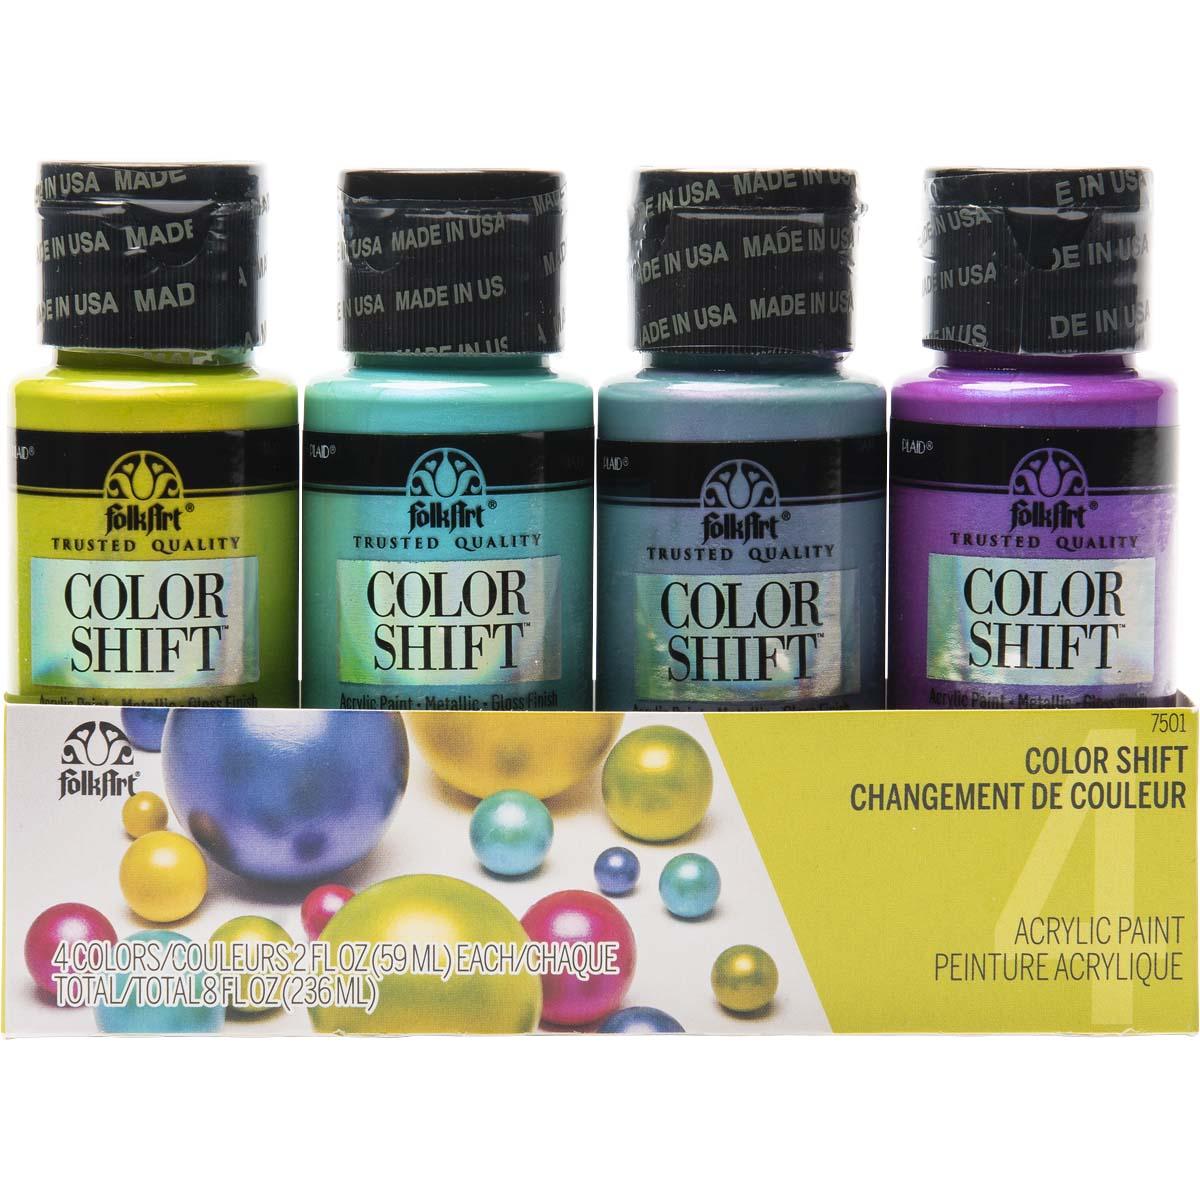 FolkArt ® Color Shift™ Acrylic Paint Set 4 Color - 7501